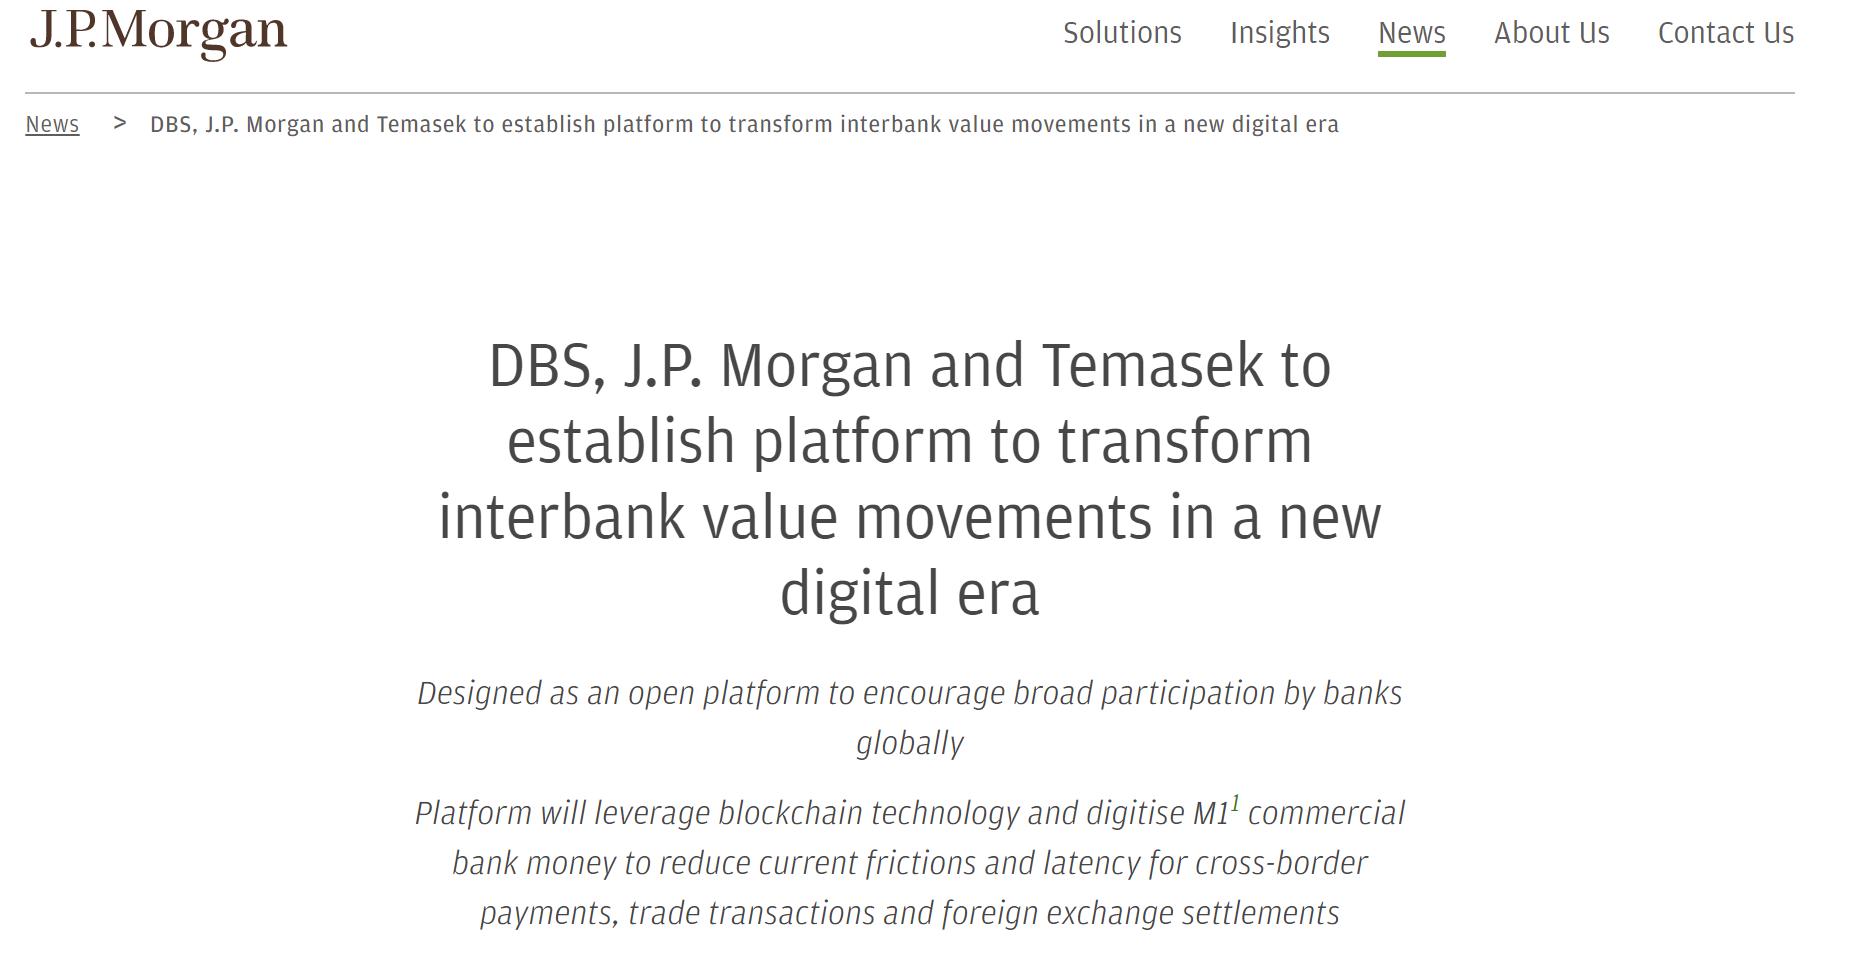 小摩携手星展、淡马锡创立区块链支付平台 吸引更多头部银行加入